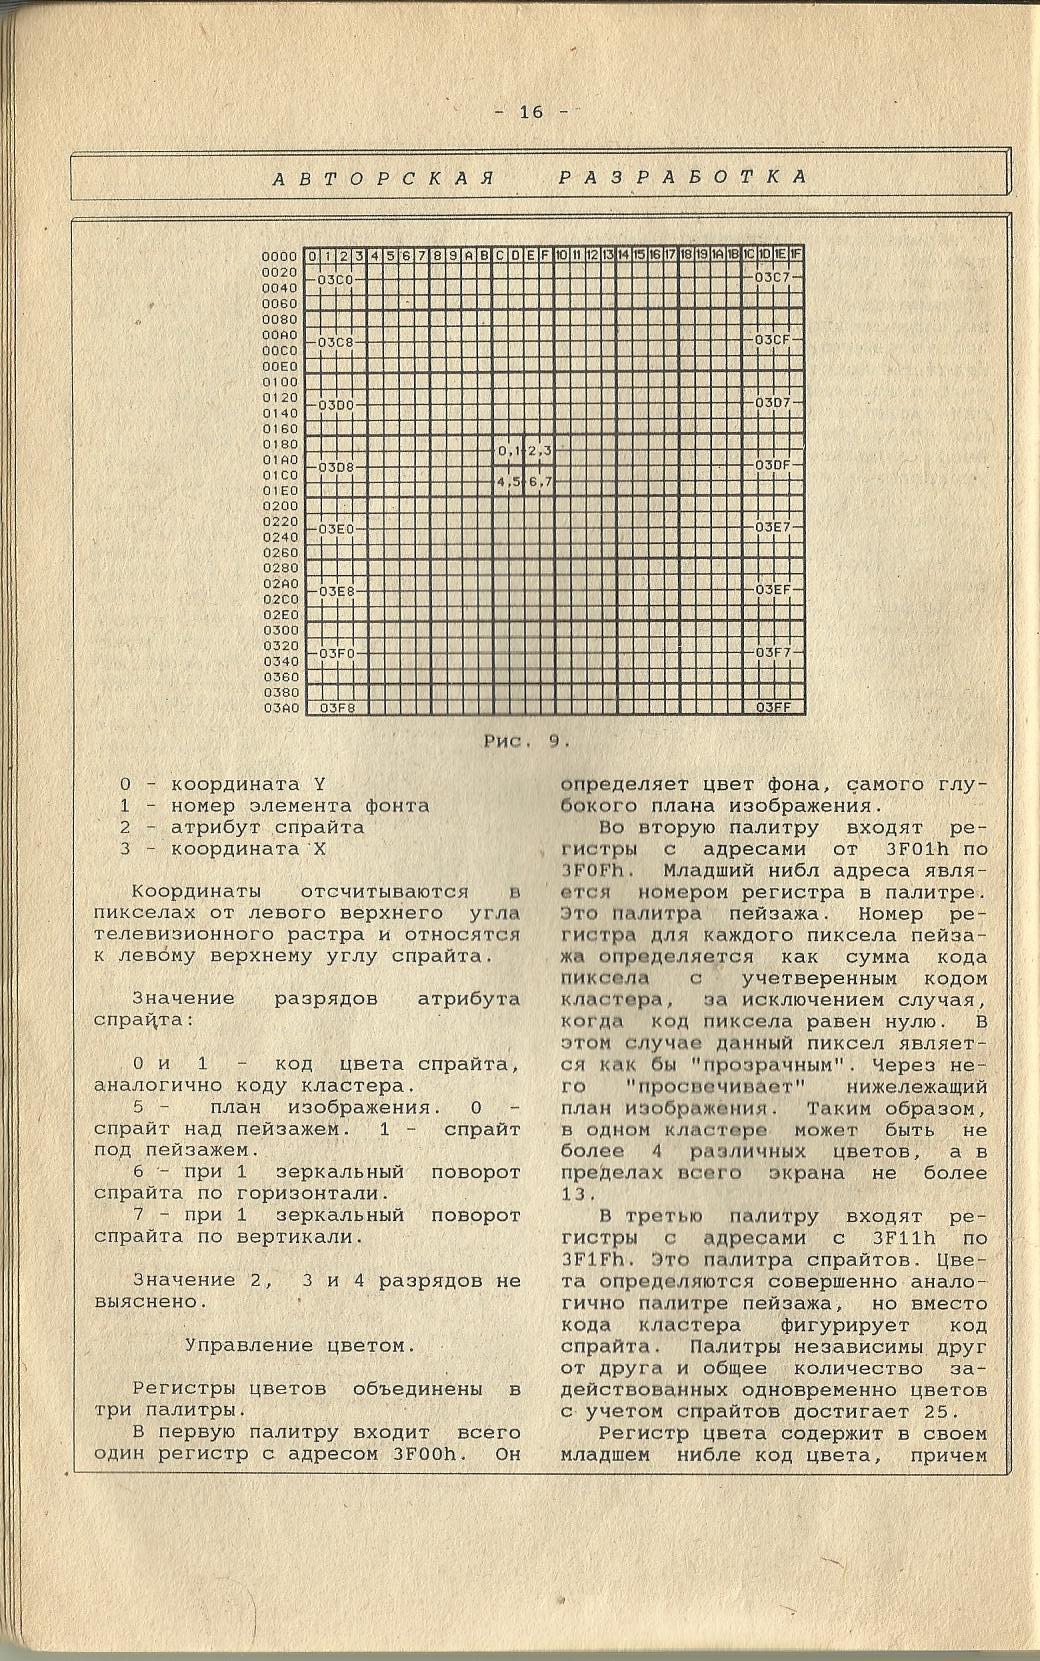 16 стр ZX Ревю № 5_1995.jpg